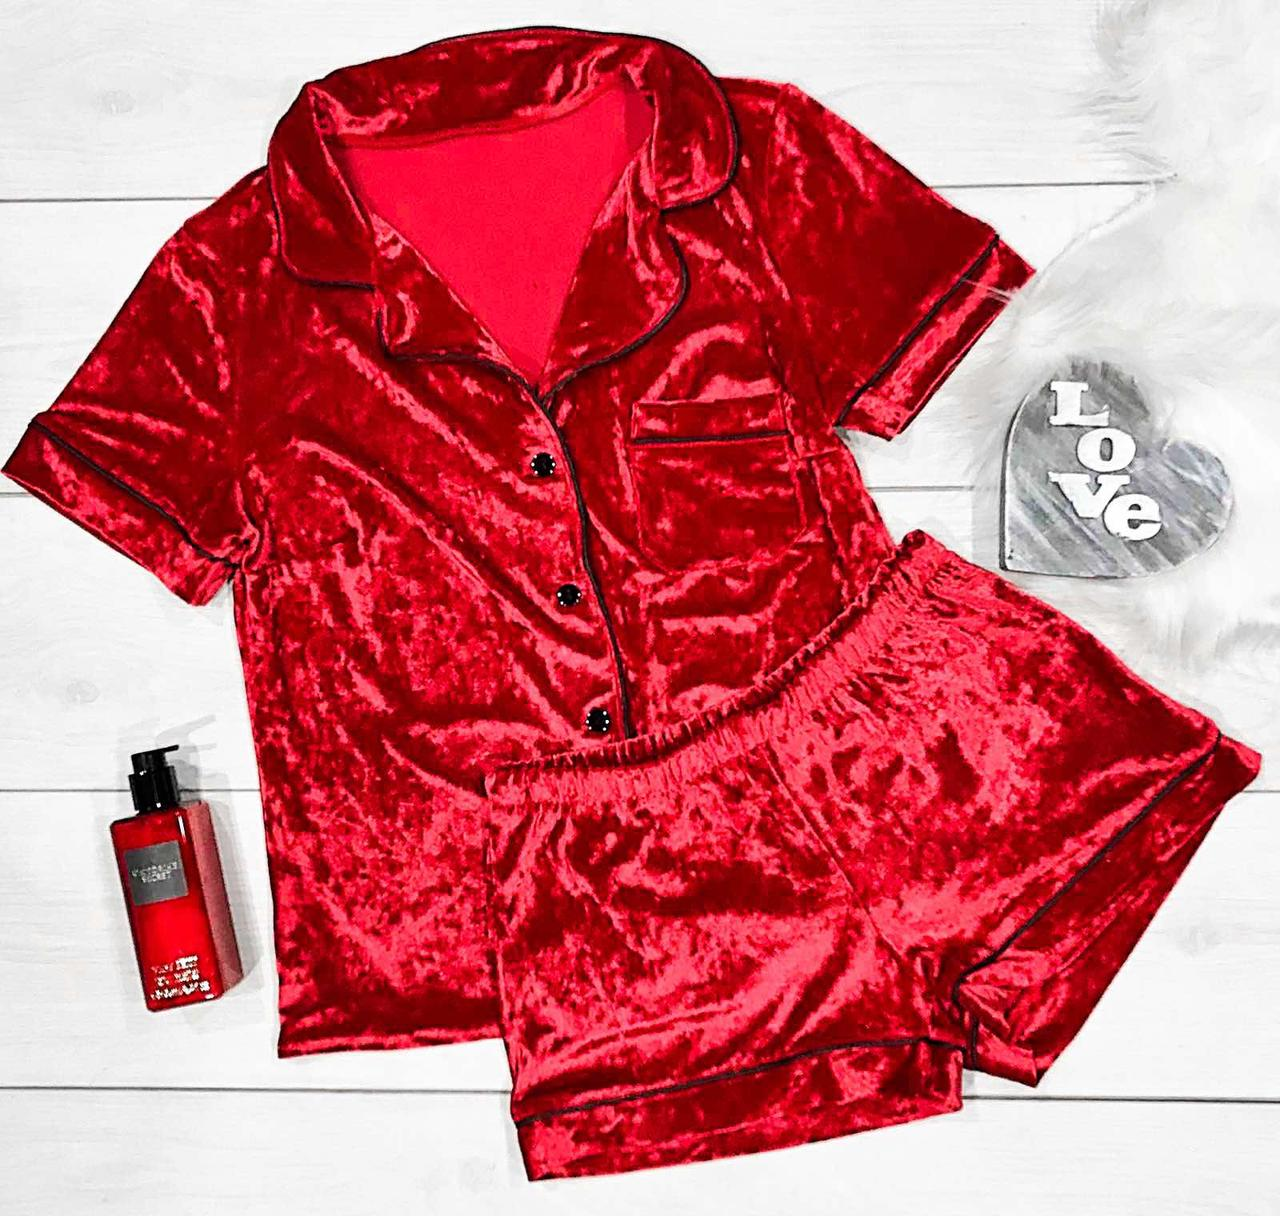 Женская пижама красного цвета для дома, рубашка+шорты.